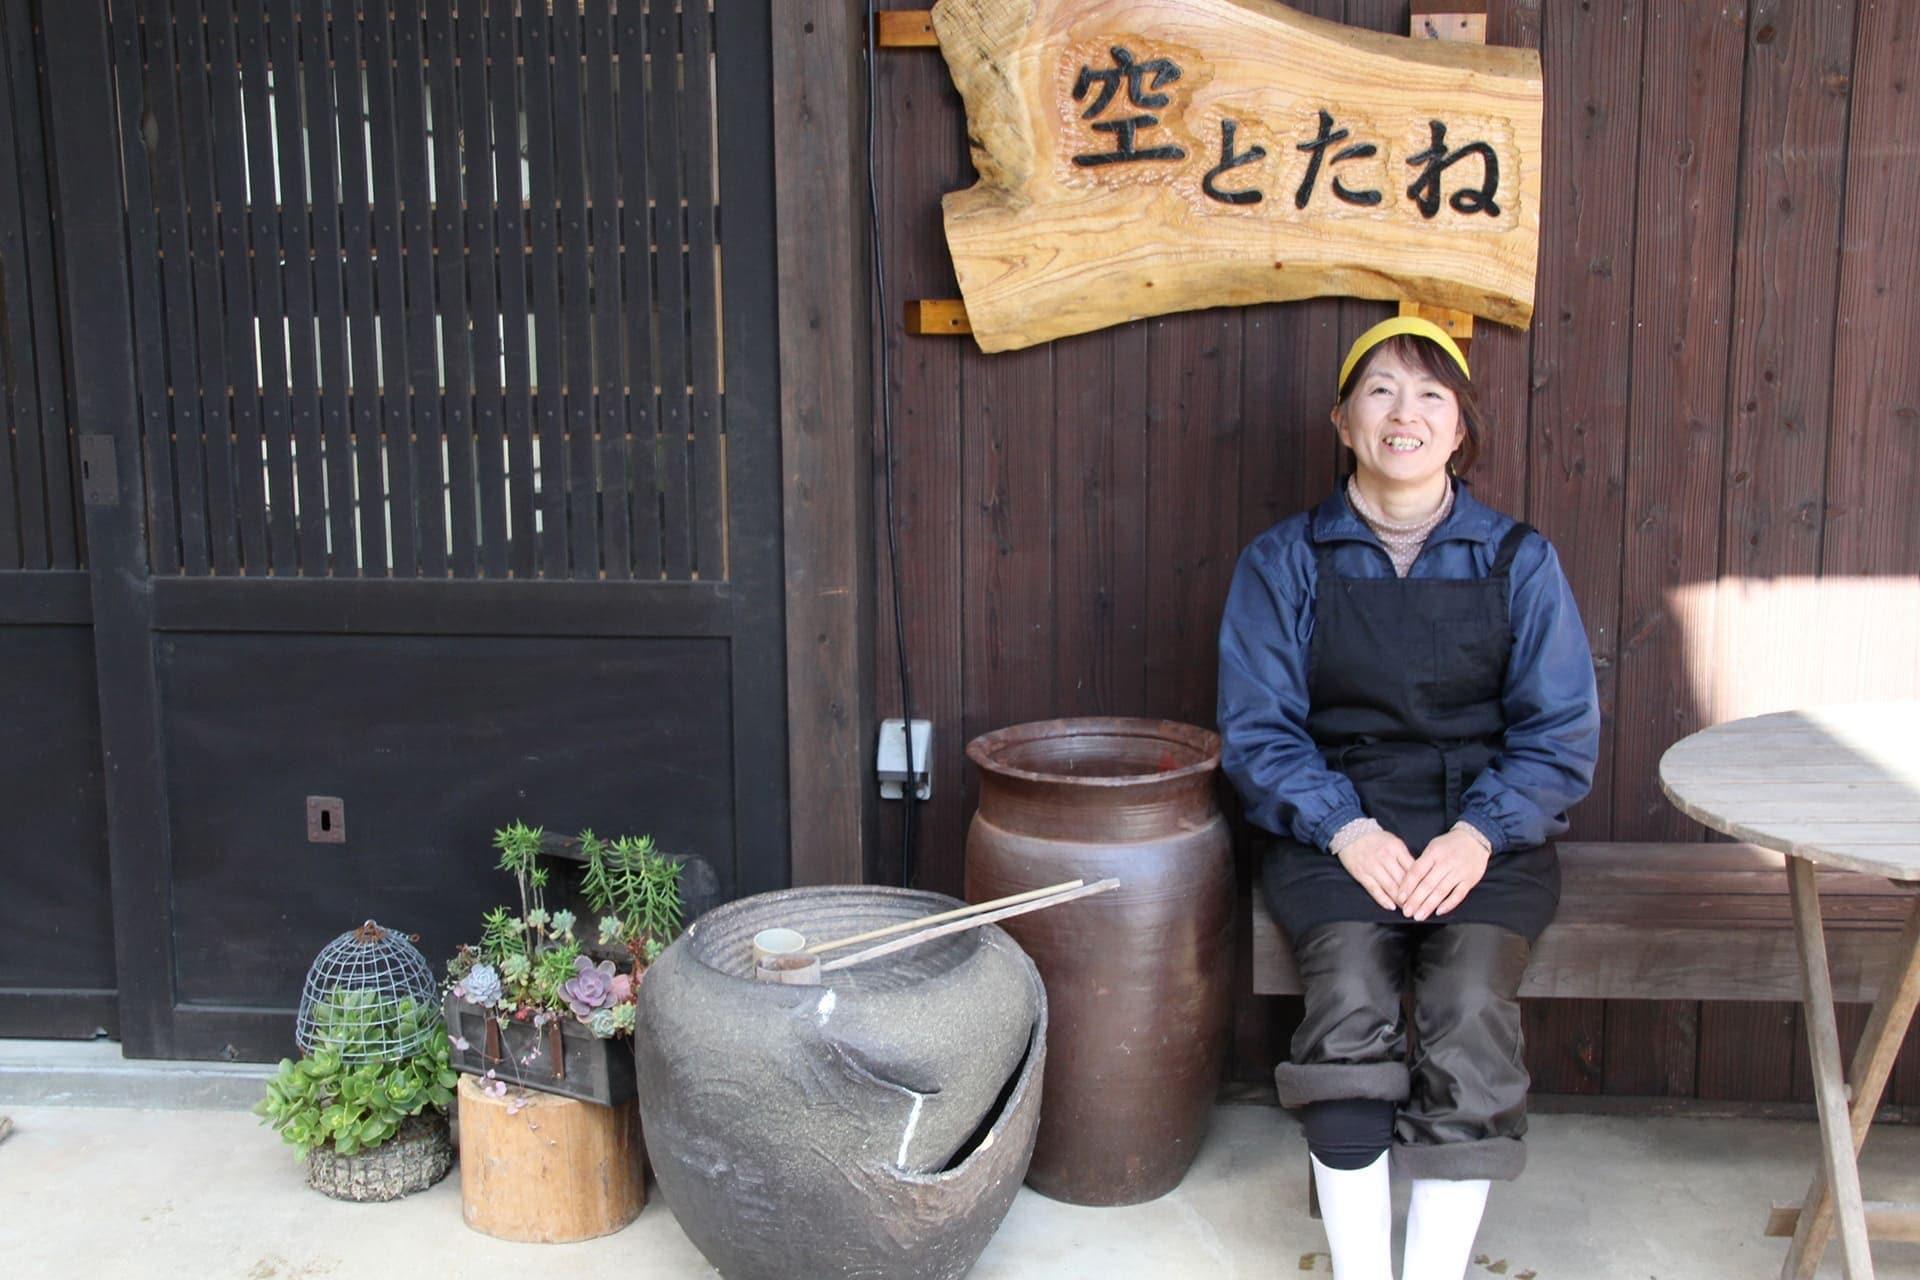 【予約制・店頭払い】園部の農村暮らし体験(カフェ空とたね)のイメージその1